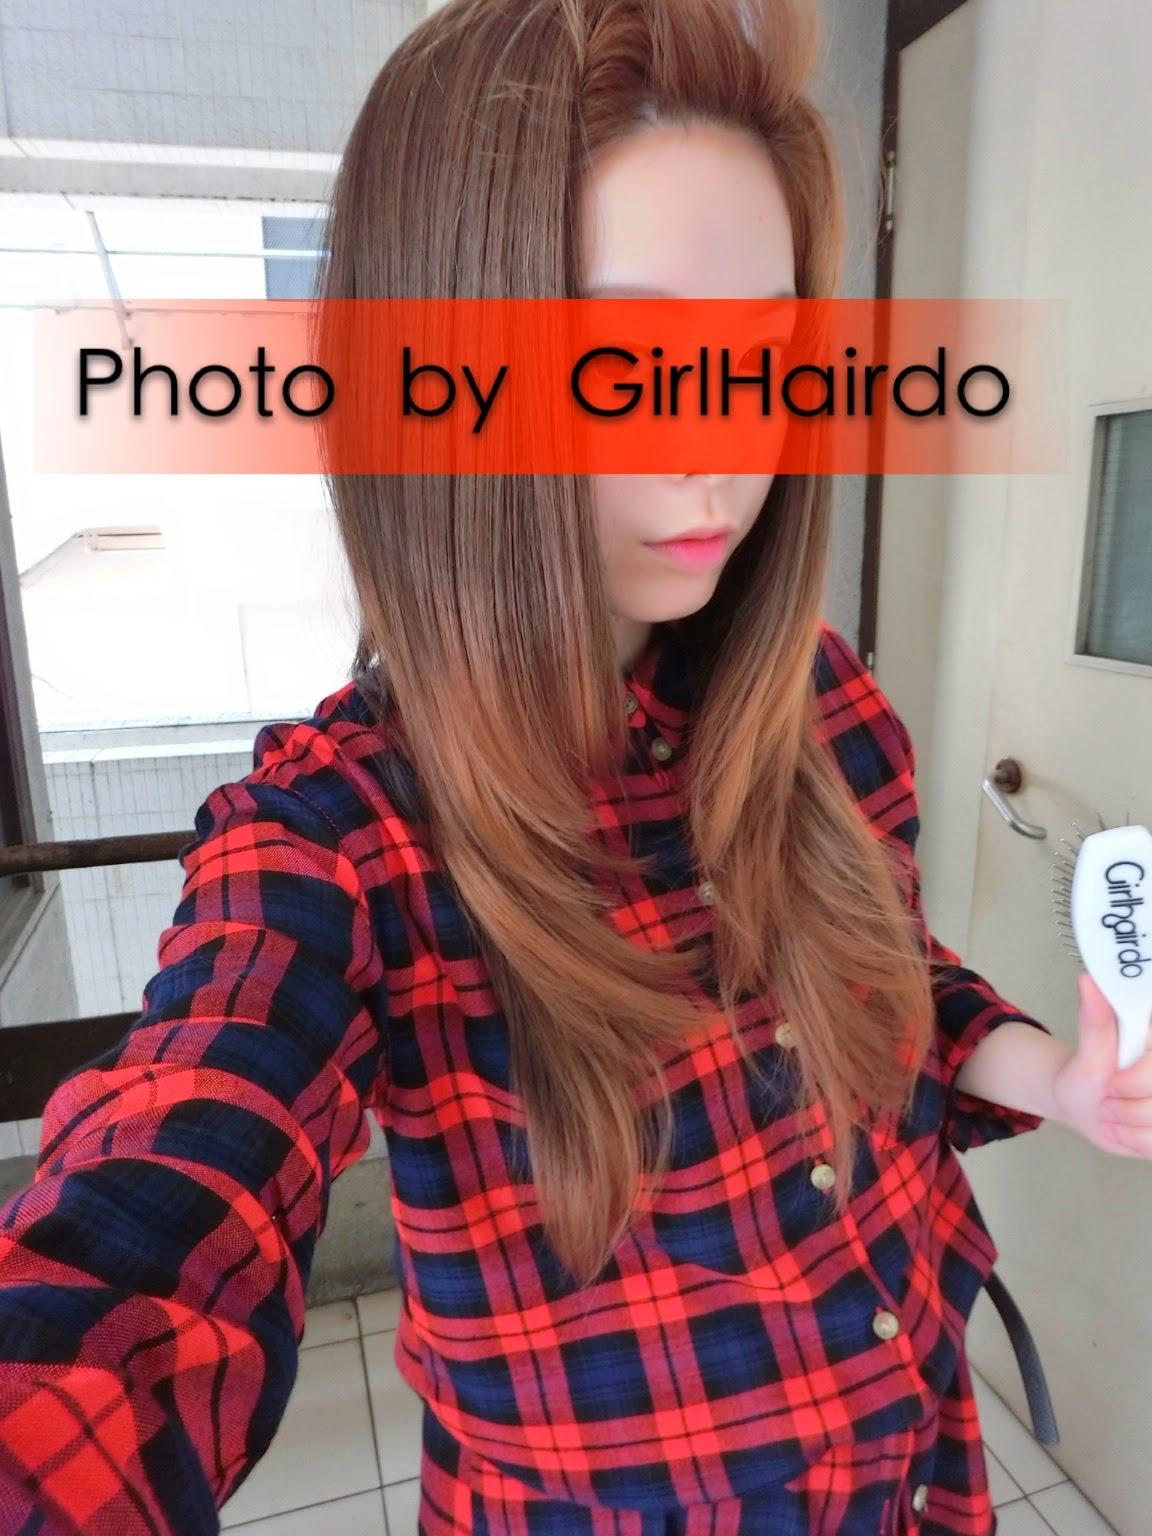 http://4.bp.blogspot.com/-52zjqH5I6EI/U6cWHza74GI/AAAAAAAAS9Q/XCE7iO-JZYg/s1600/IMG_2673.JPG